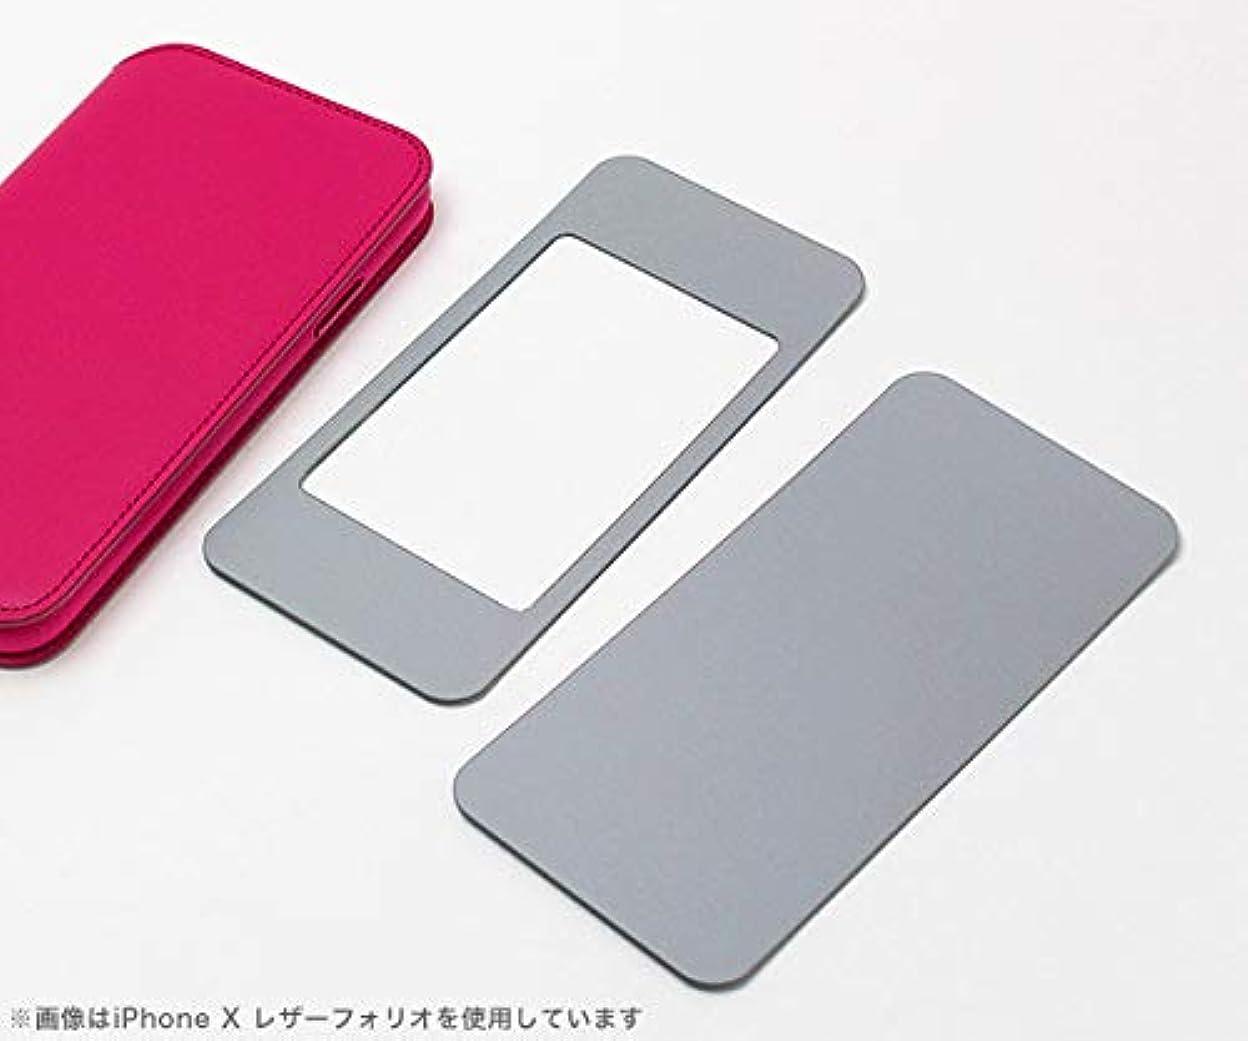 存在する呼吸ファーザーファージュ例の板 for iPhone 11 Pro Max iPhone XS Max (2枚セット) iPhone XS Max レザーフォリオ は含まれません REINOITAIPHONEXSMAX/2